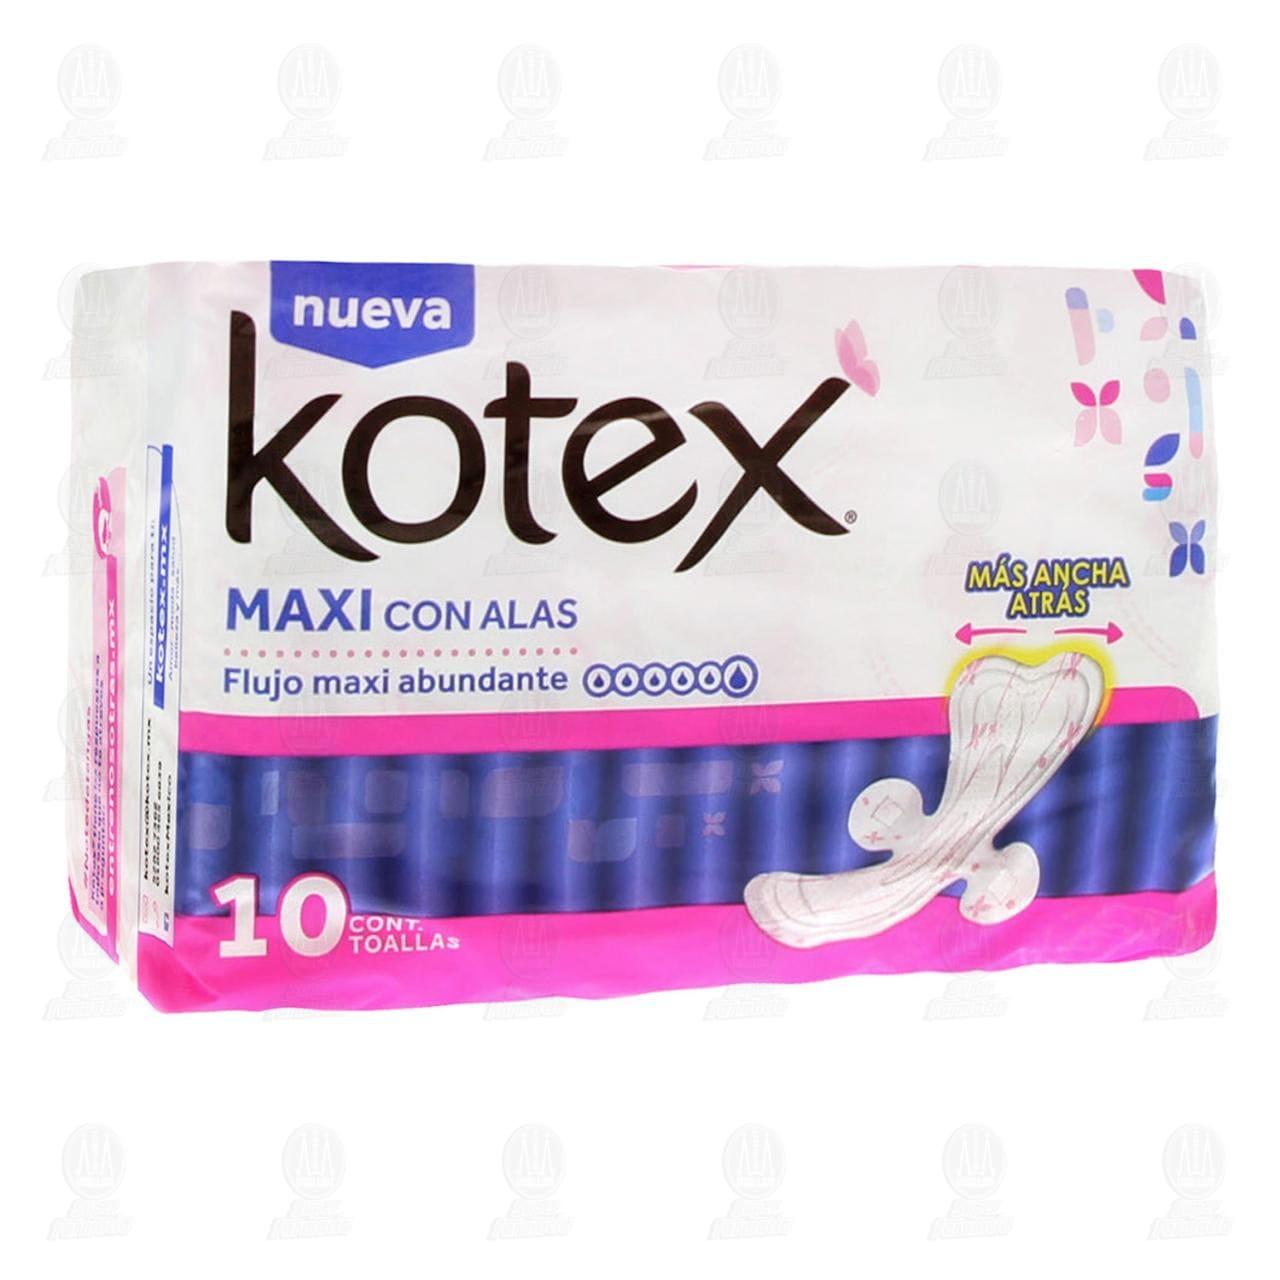 Comprar Kotex Maxi con Alas, 10 pzas. en Farmacias Guadalajara